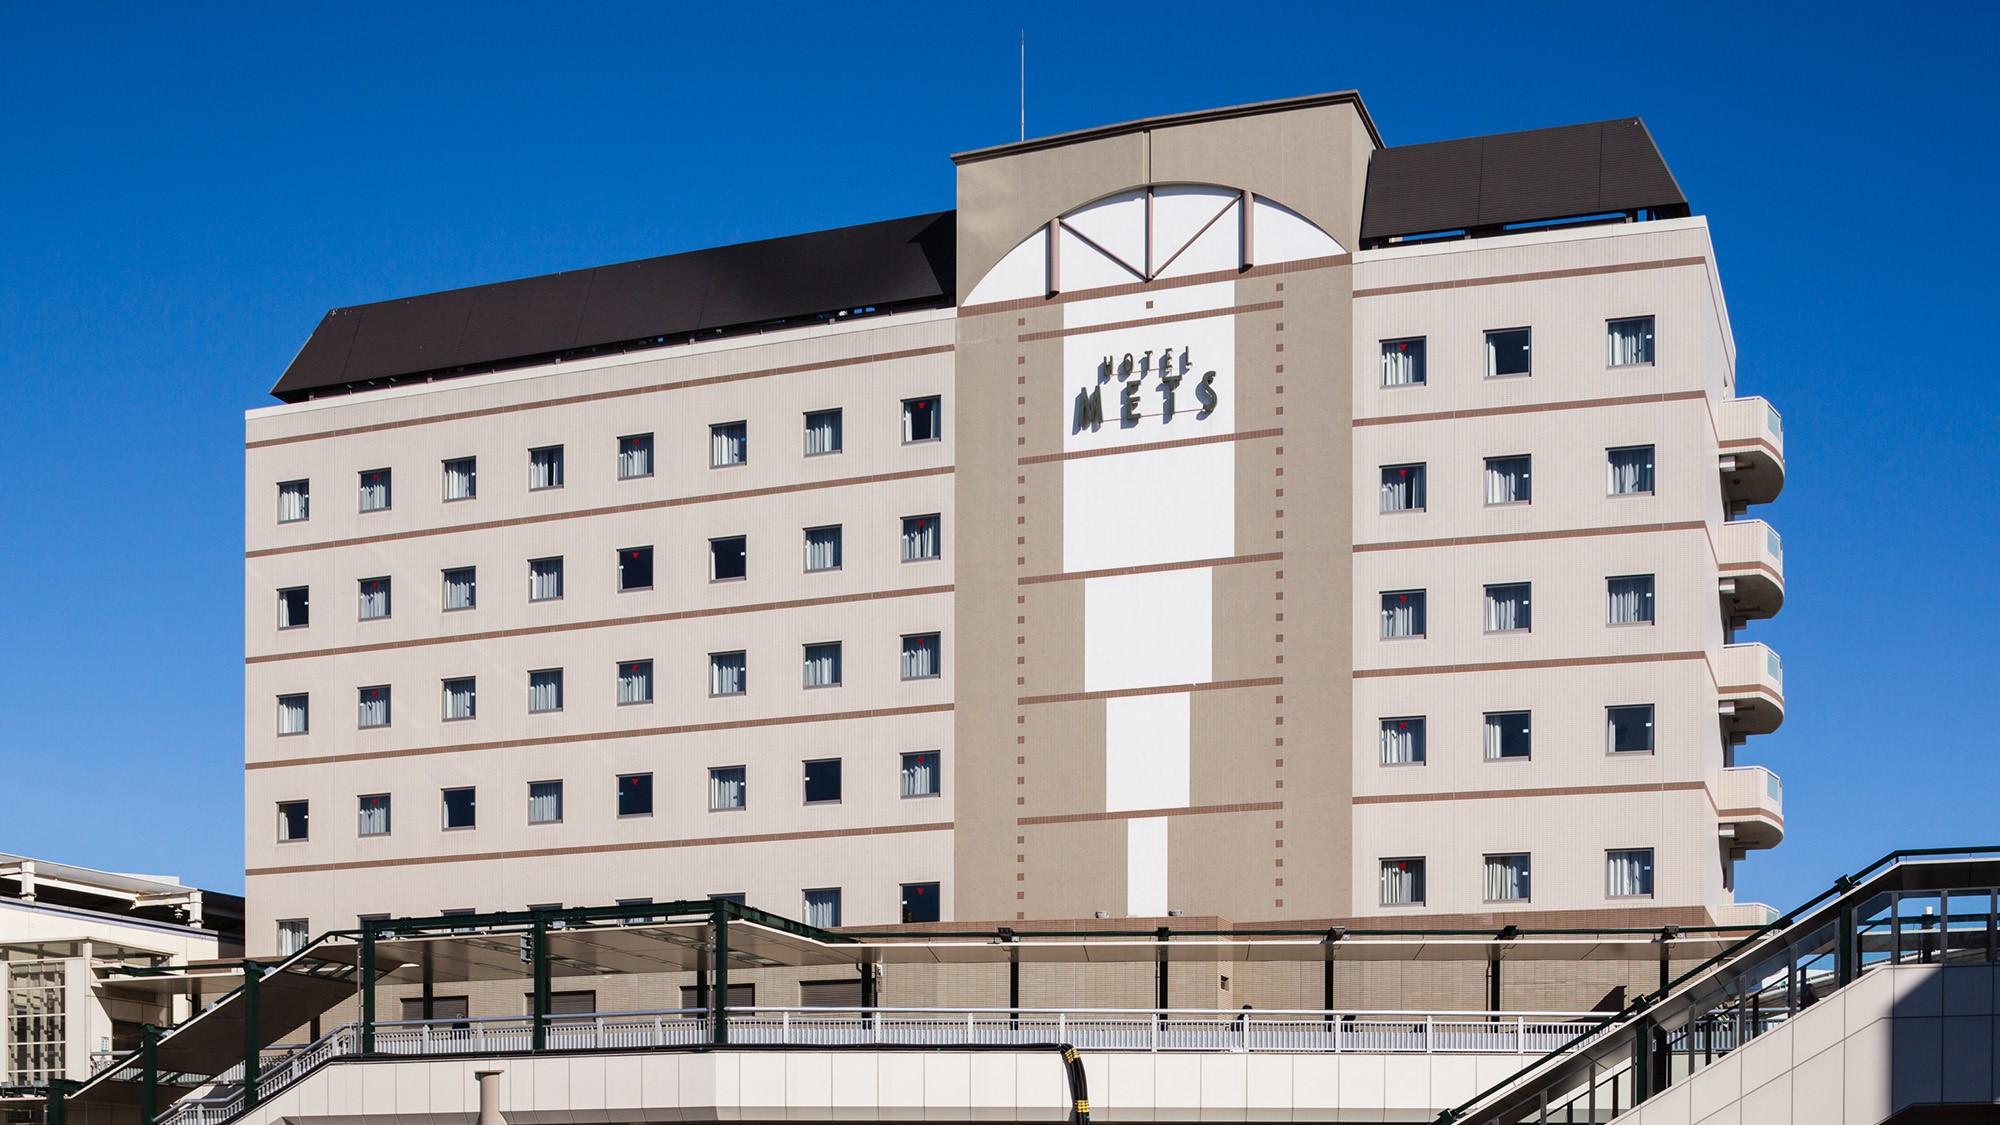 ホテル メッツ 溝ノ口◆楽天トラベル